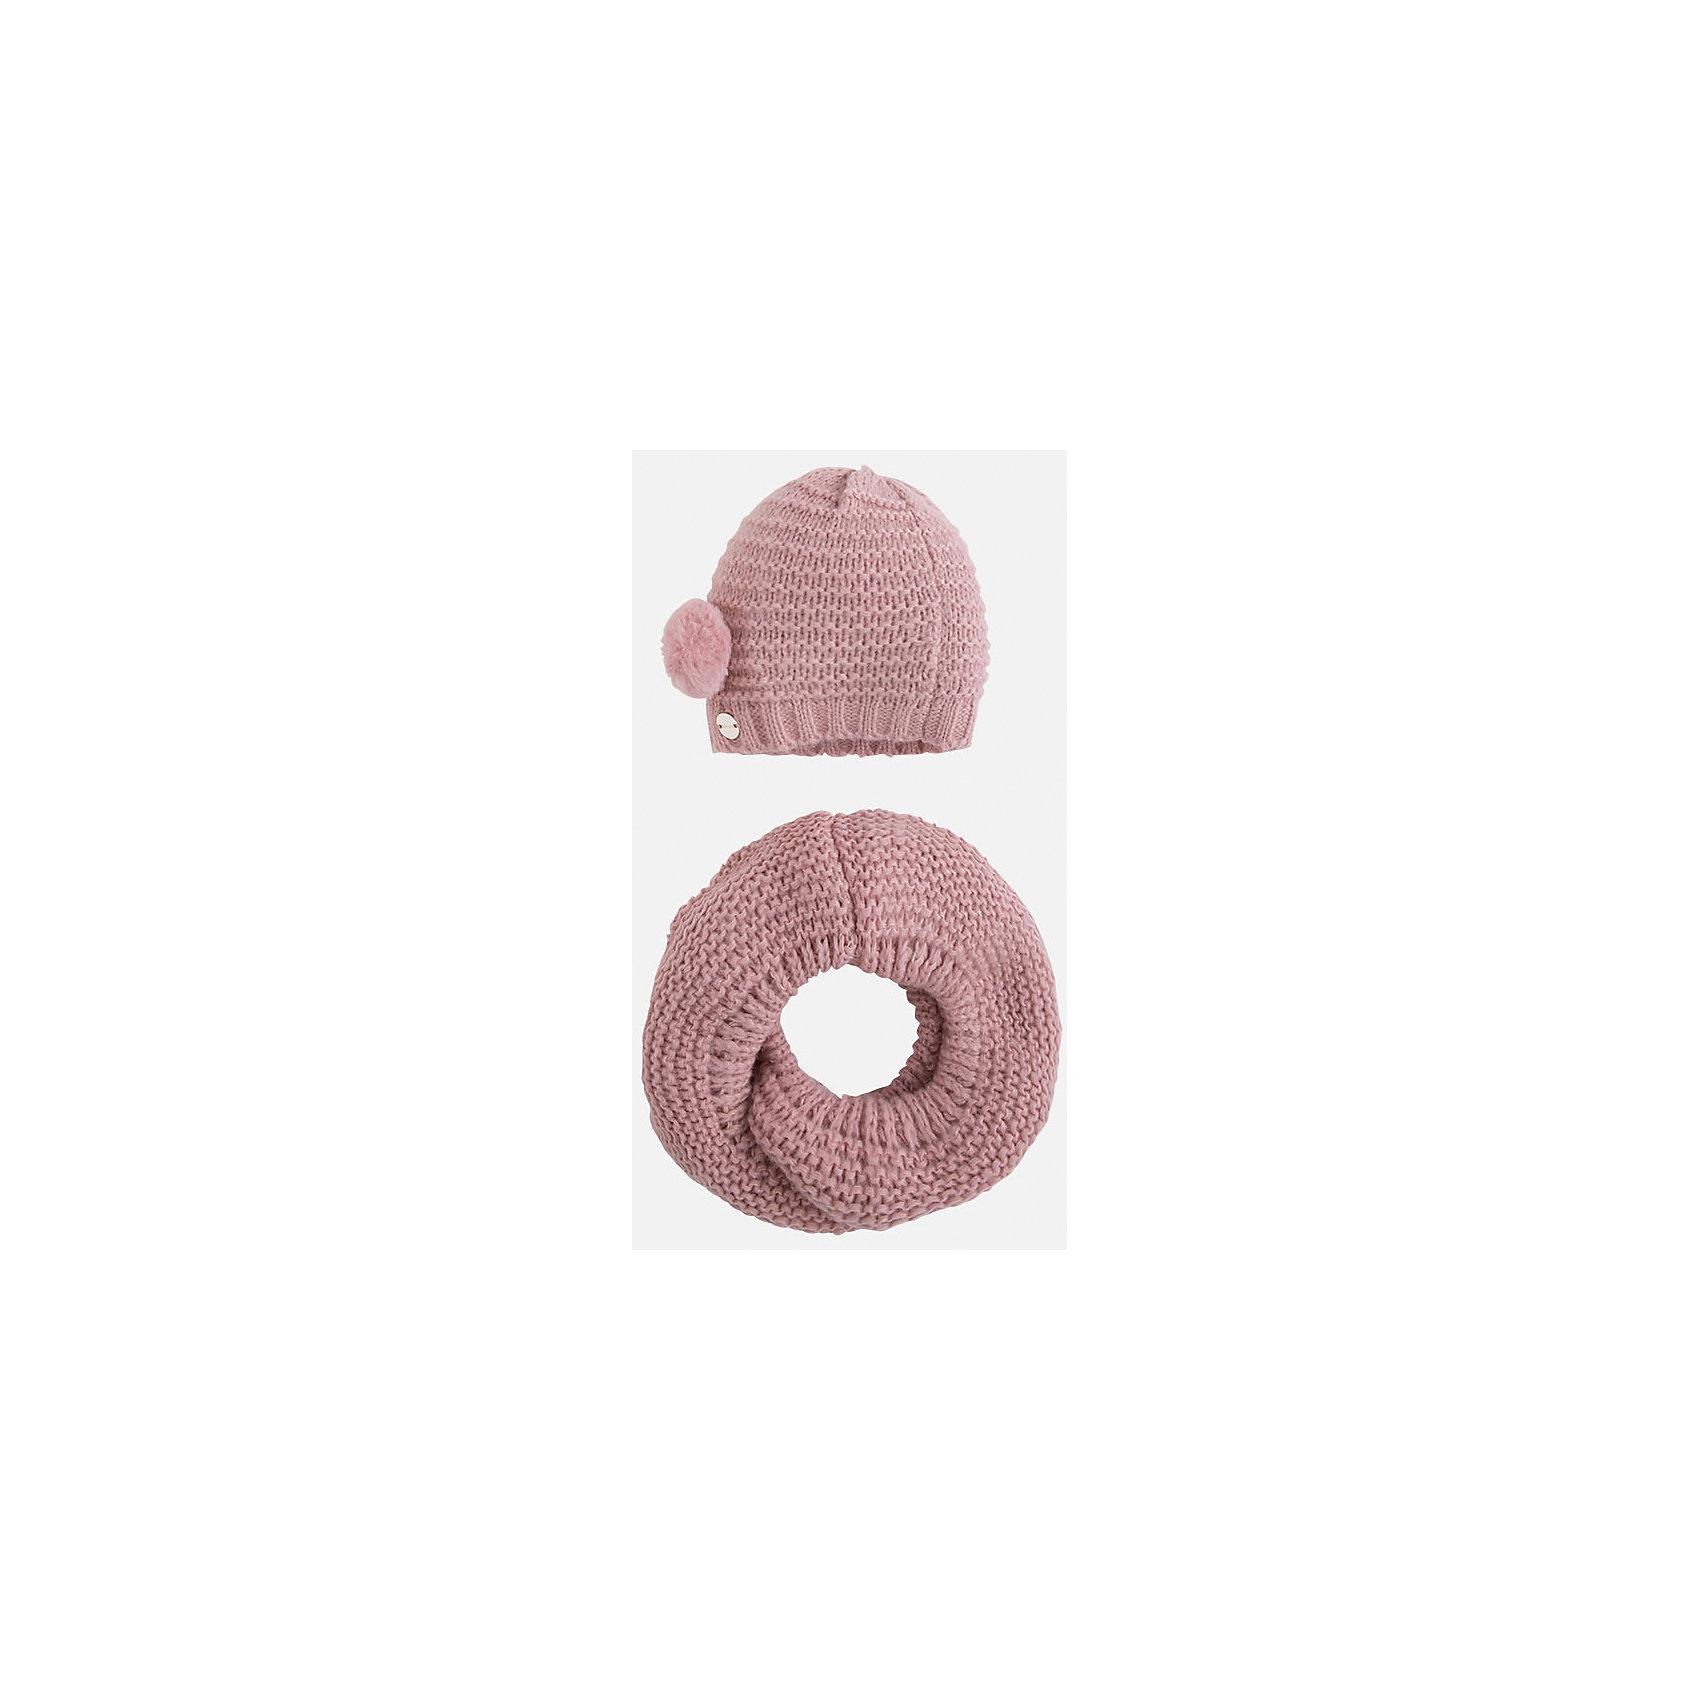 Комплект:шапка и шарф для девочки MayoralКомплект: шапка и шарф для девочки Mayoral от известного испанского бренда Mayoral. Вязаный комплект выполнен из акриловой пряжи с добавлением полиамида, что обеспечивает высокую износоустойчивость, сохранение формы и цвета даже при длительном использовании. Комплект состоит из шапки и шарфа, связанных крупной вязкой. Шапка имеет классическую форму, сбоку имеется небольшой помпон, выполненный из меха. <br><br>Дополнительная информация:<br><br>- Предназначение: повседневная одежда<br>- Комплектация: шапка, шарф<br>- Цвет: розовый<br>- Пол: для девочки<br>- Состав: 87% акрил, 13% полиамид<br>- Сезон: осень-зима-весна<br>- Особенности ухода: стирка при температуре 30 градусов, разрешается химическая чистка, глажение <br><br>Подробнее:<br><br>• Для детей в возрасте: от 2 лет и до 9 лет<br>• Страна производитель: Китай<br>• Торговый бренд: Mayoral<br><br>Комплект: шапка и шарф для девочки Mayoral (Майорал) можно купить в нашем интернет-магазине.<br><br>Ширина мм: 89<br>Глубина мм: 117<br>Высота мм: 44<br>Вес г: 155<br>Цвет: розовый<br>Возраст от месяцев: 72<br>Возраст до месяцев: 108<br>Пол: Женский<br>Возраст: Детский<br>Размер: 54-56,52-54,48-50<br>SKU: 4847798